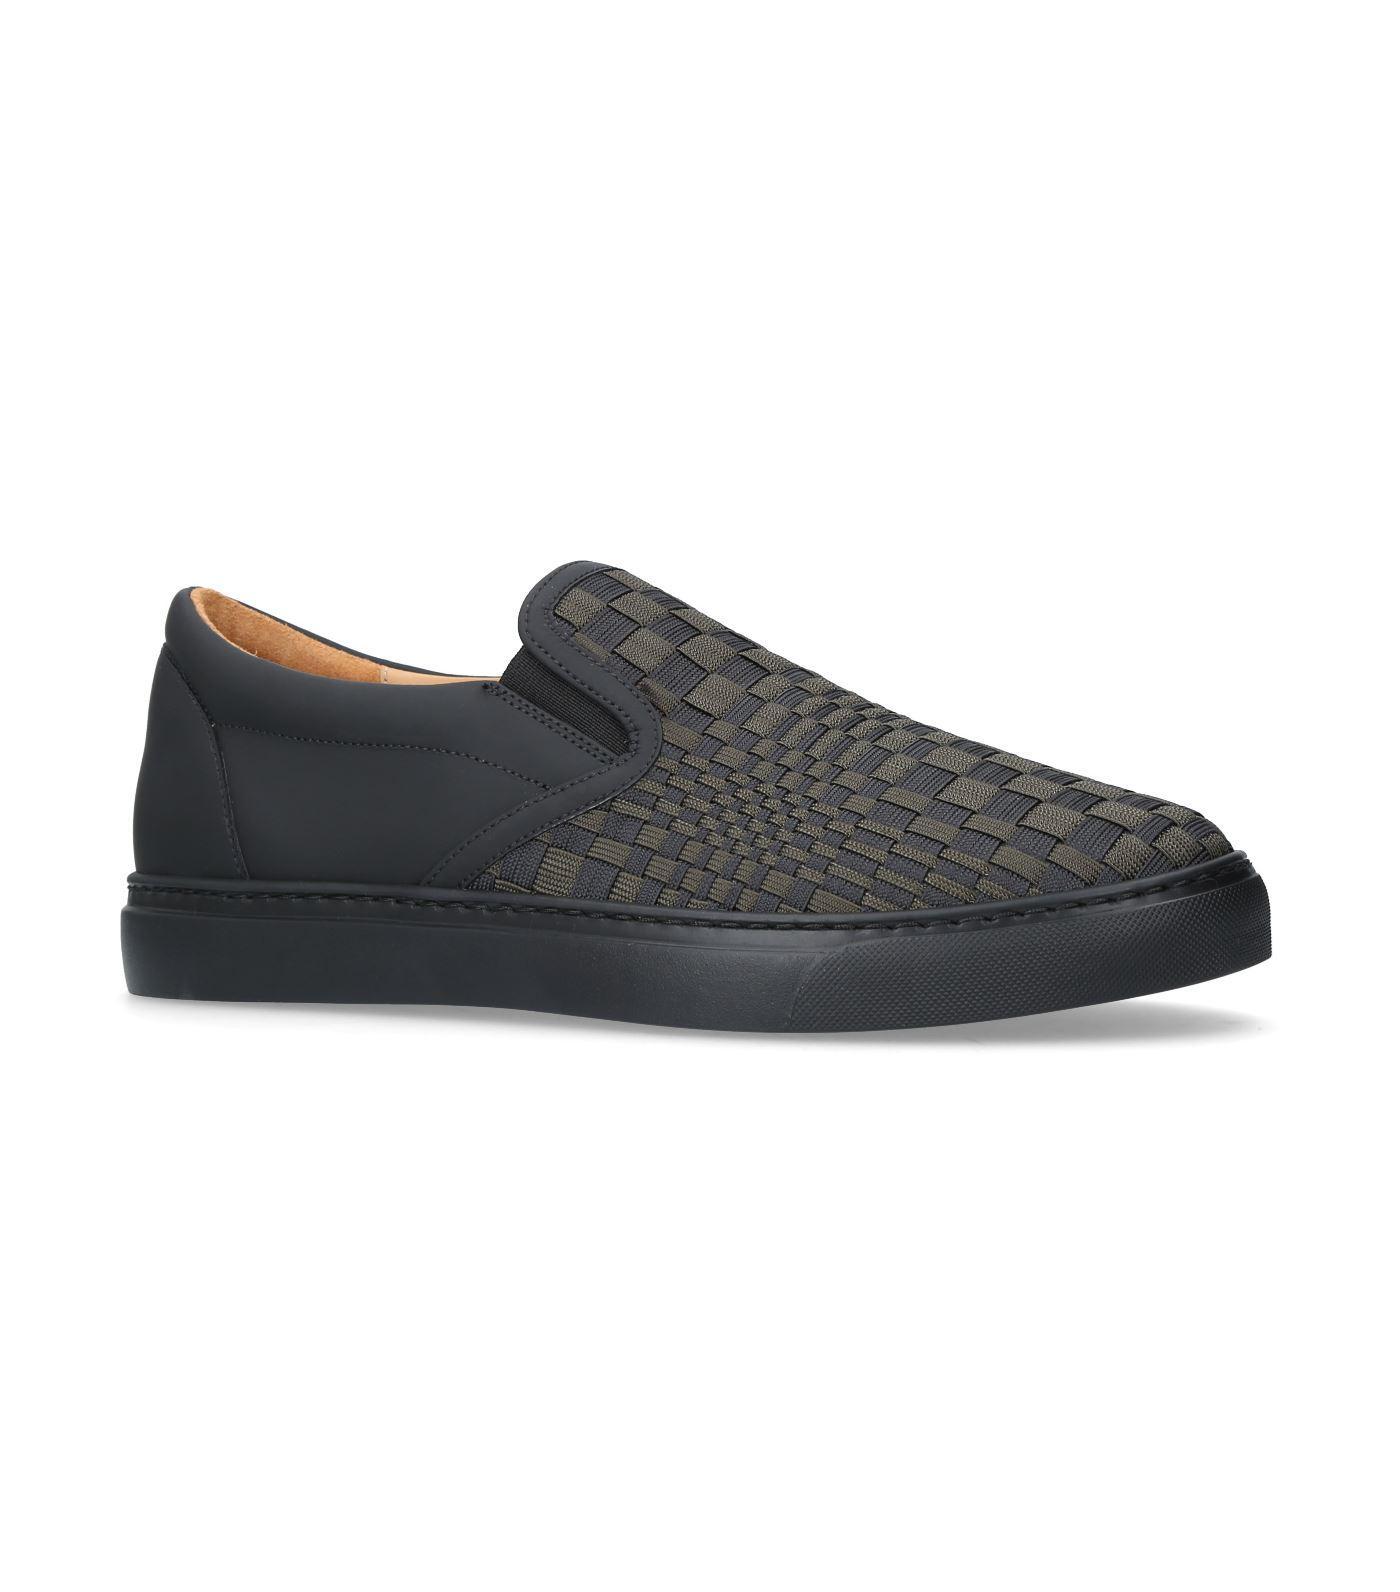 Harrys Of London Optic Woven Ethan Jones Sneakers In Green